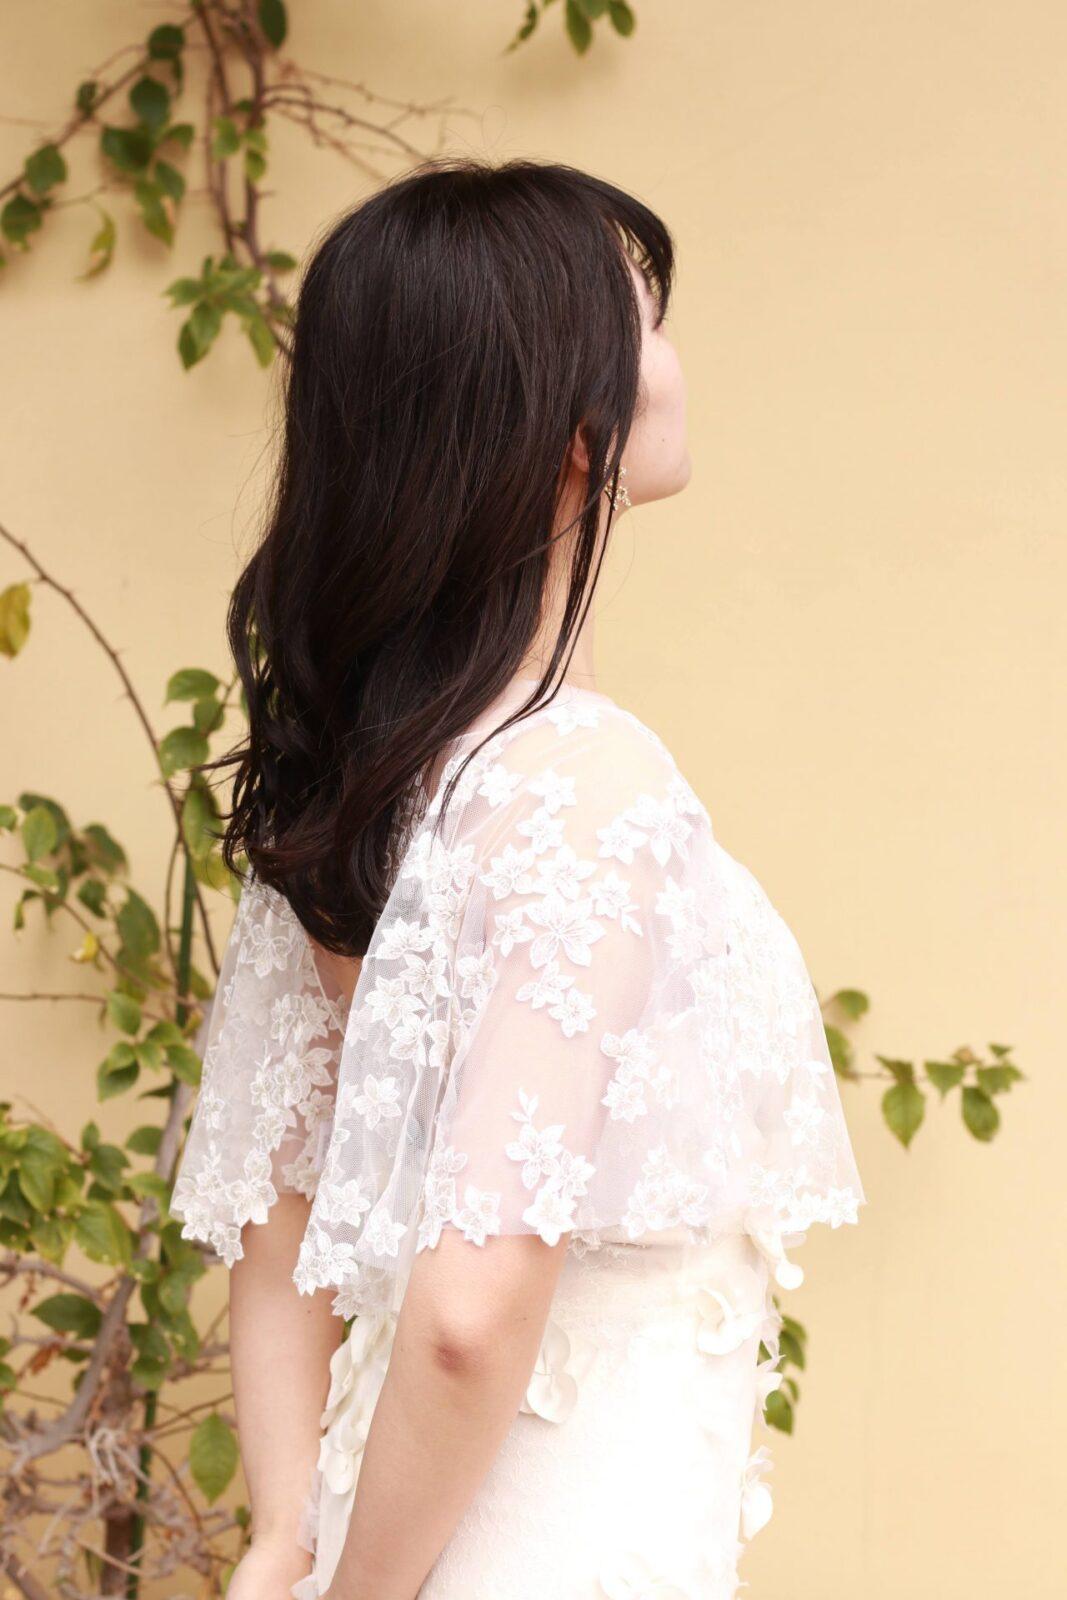 ケープのようなボレロと3Dフラワーモチーフがデザインされたウェディングドレスのコーディネートは、夏のレストランウェディングにもオススメです。